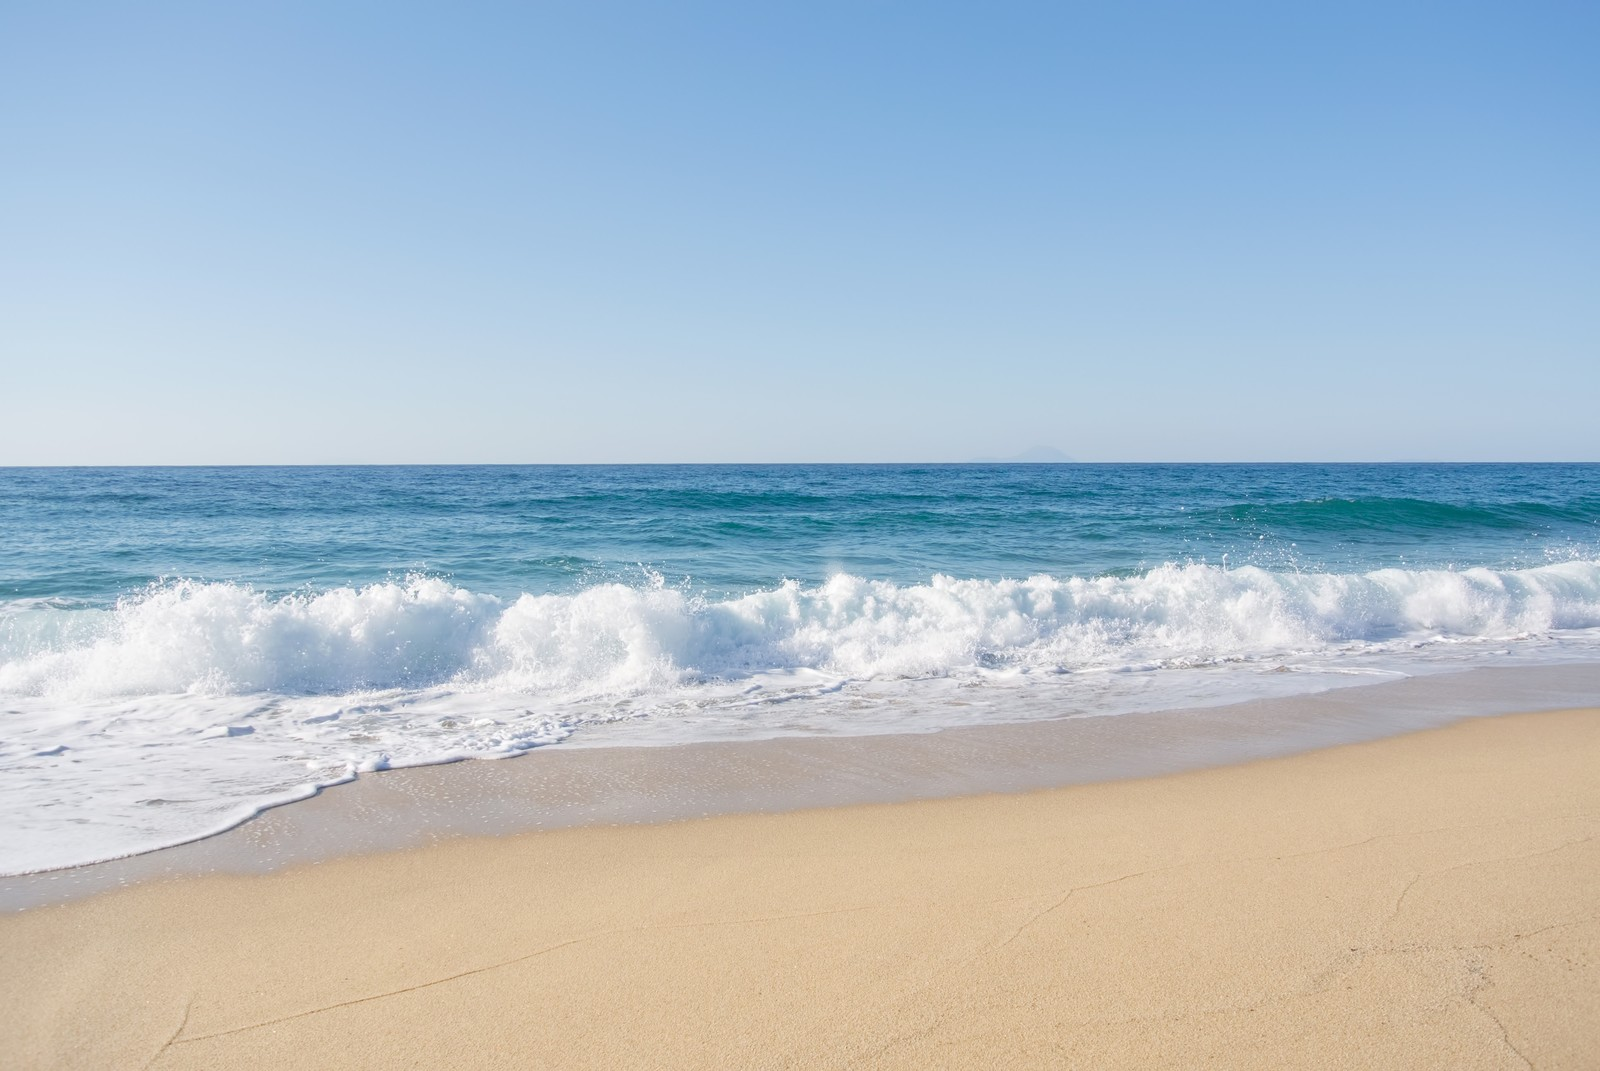 「屋久島の海と砂浜」の写真